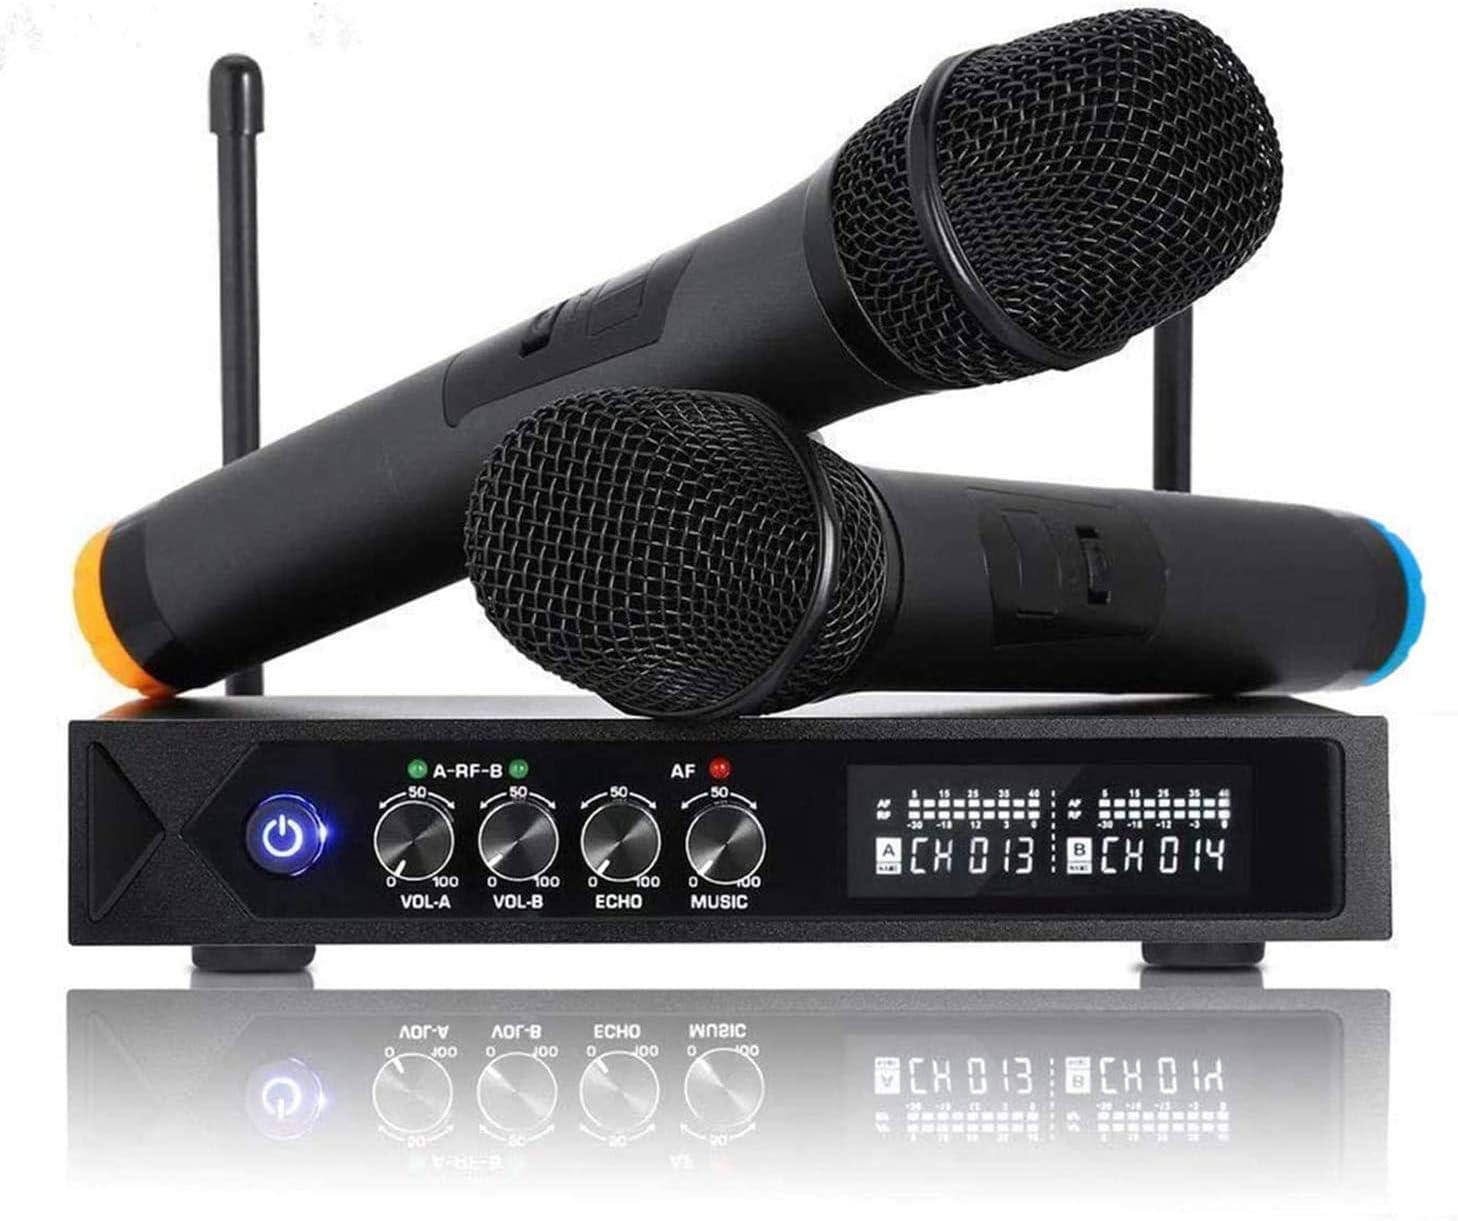 Micrófonos Inalámbrico Profesional Portátil, Receptor de Micrófono Dual con Pantalla LCD para Fiesta de Karaoke, KTV, Lugares de Entretenimiento, Boda ...